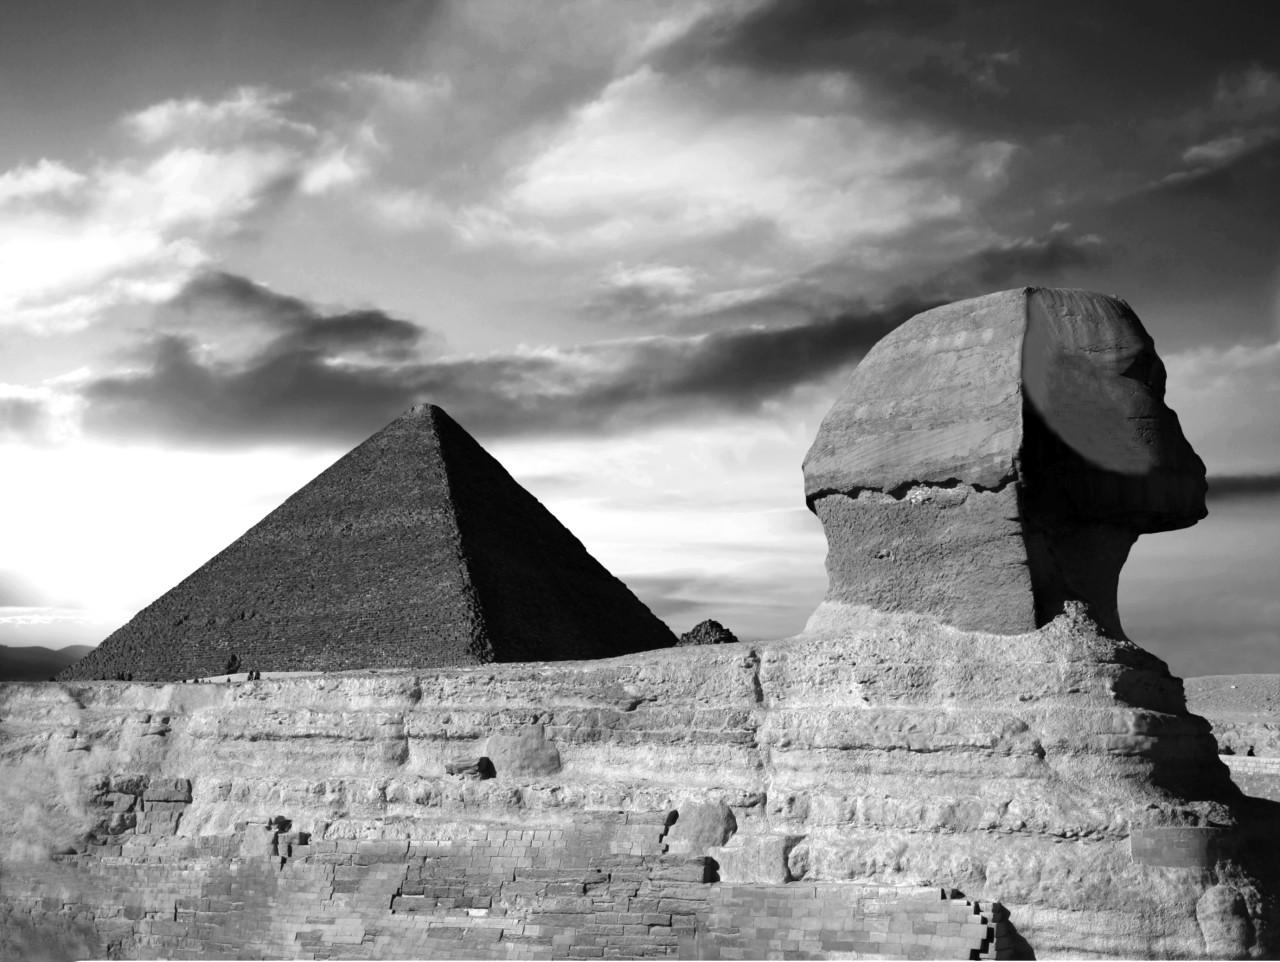 Pyramide Schwarz & Weiß